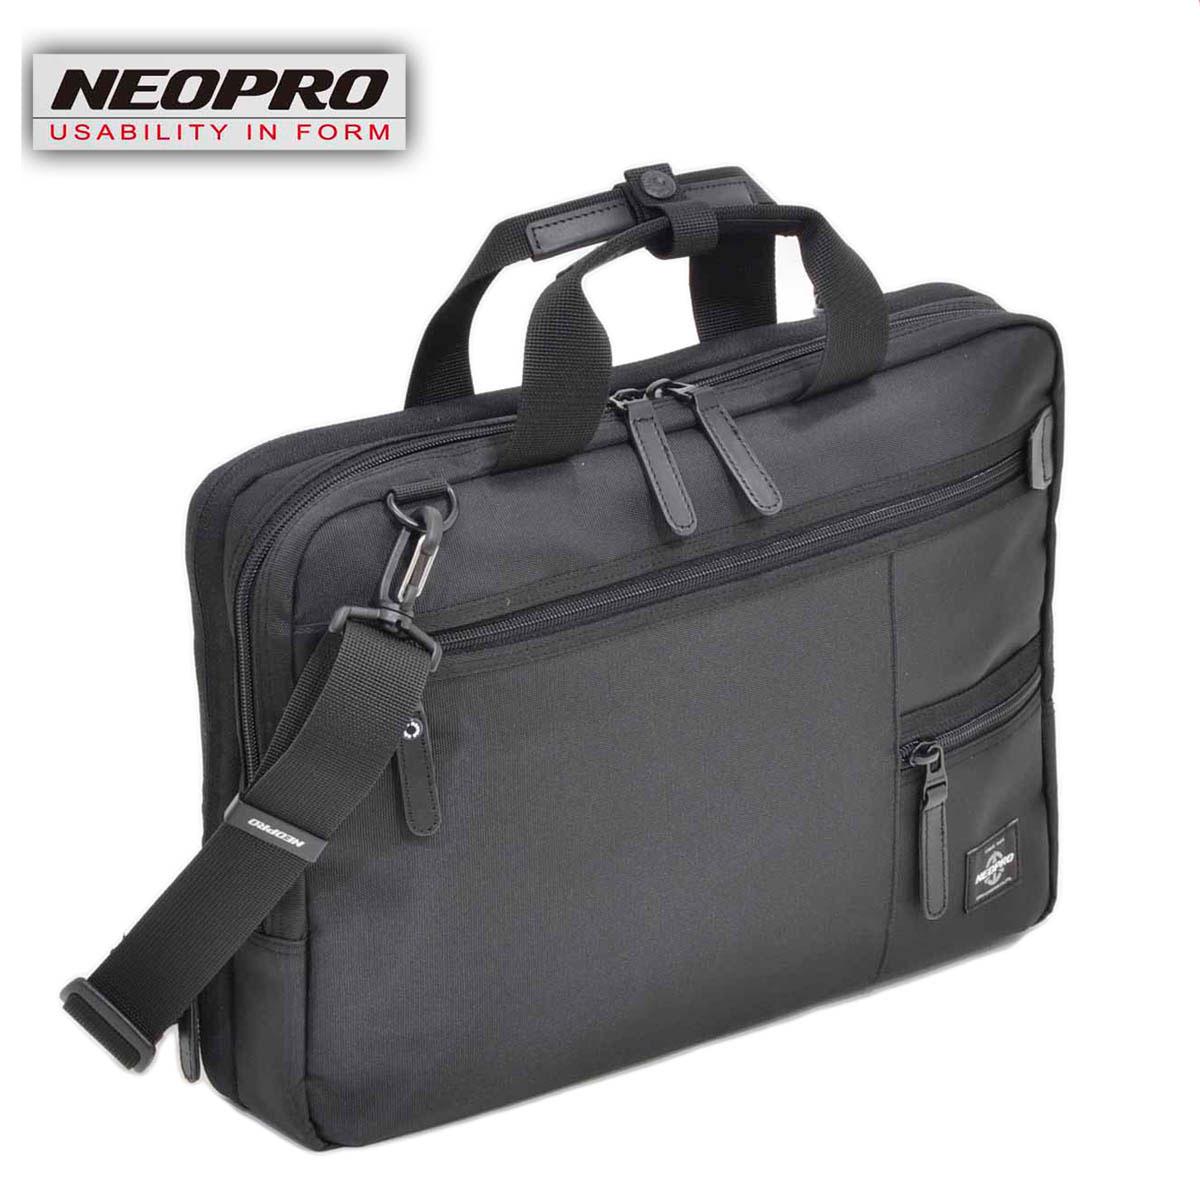 ビジネスバッグ NEOPRO ZIP SERIES ネオプロ No:2-052 薄マチ マルチ マチ幅の広がる エクスパンダブル A4 ファイル ノートPC 出張対応 通勤 通学 就活 エンドー鞄